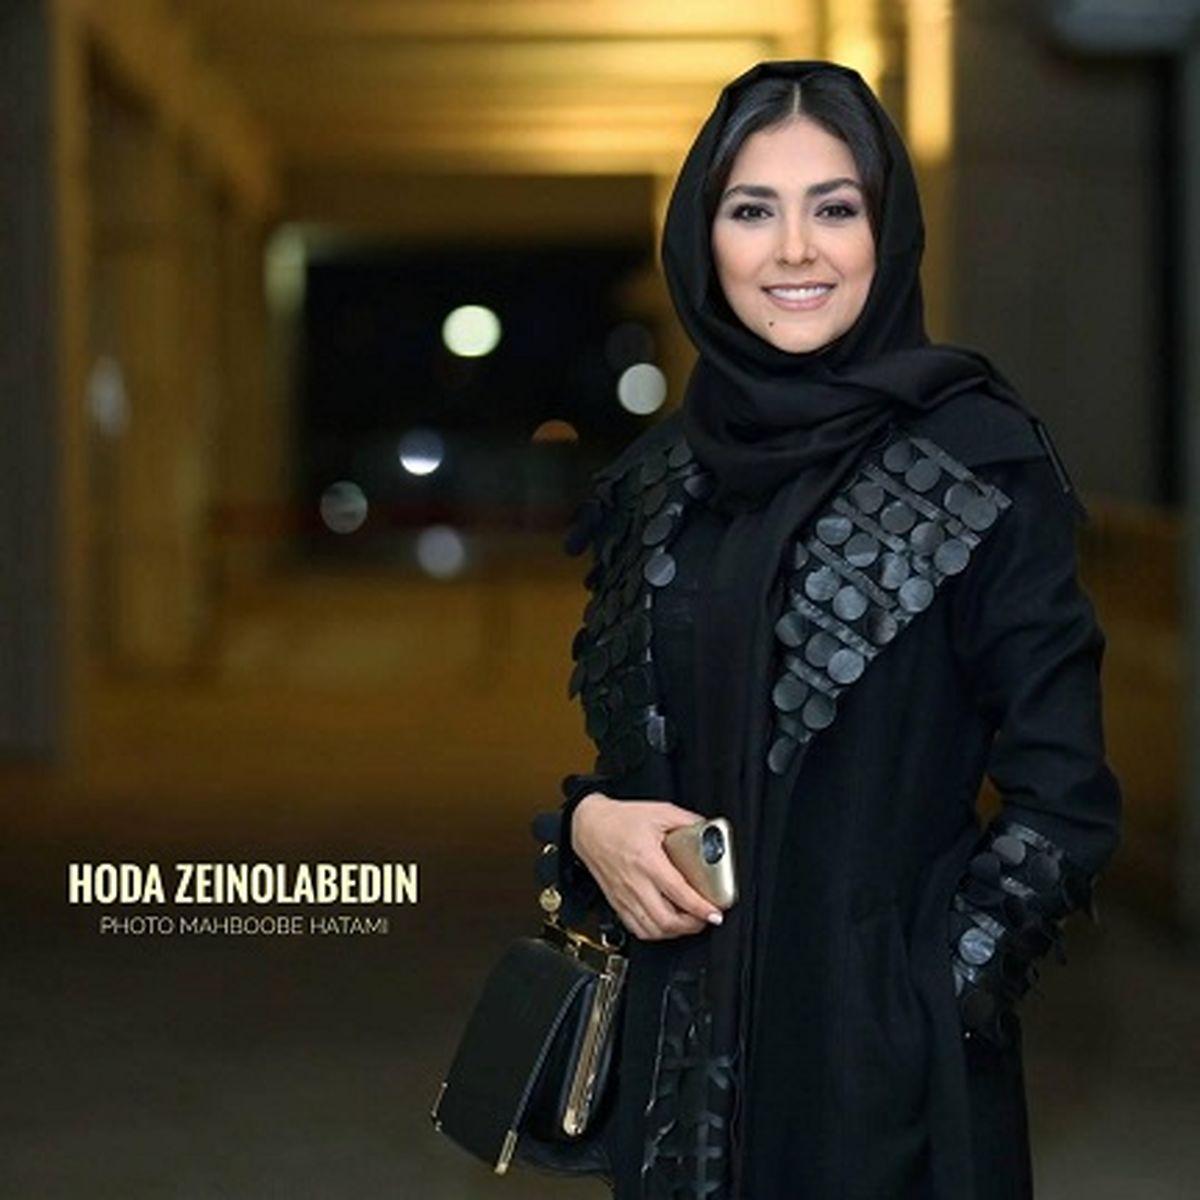 زندگینامه هدی زین العابدینی بازیگر محبوب سینما+تصاویر